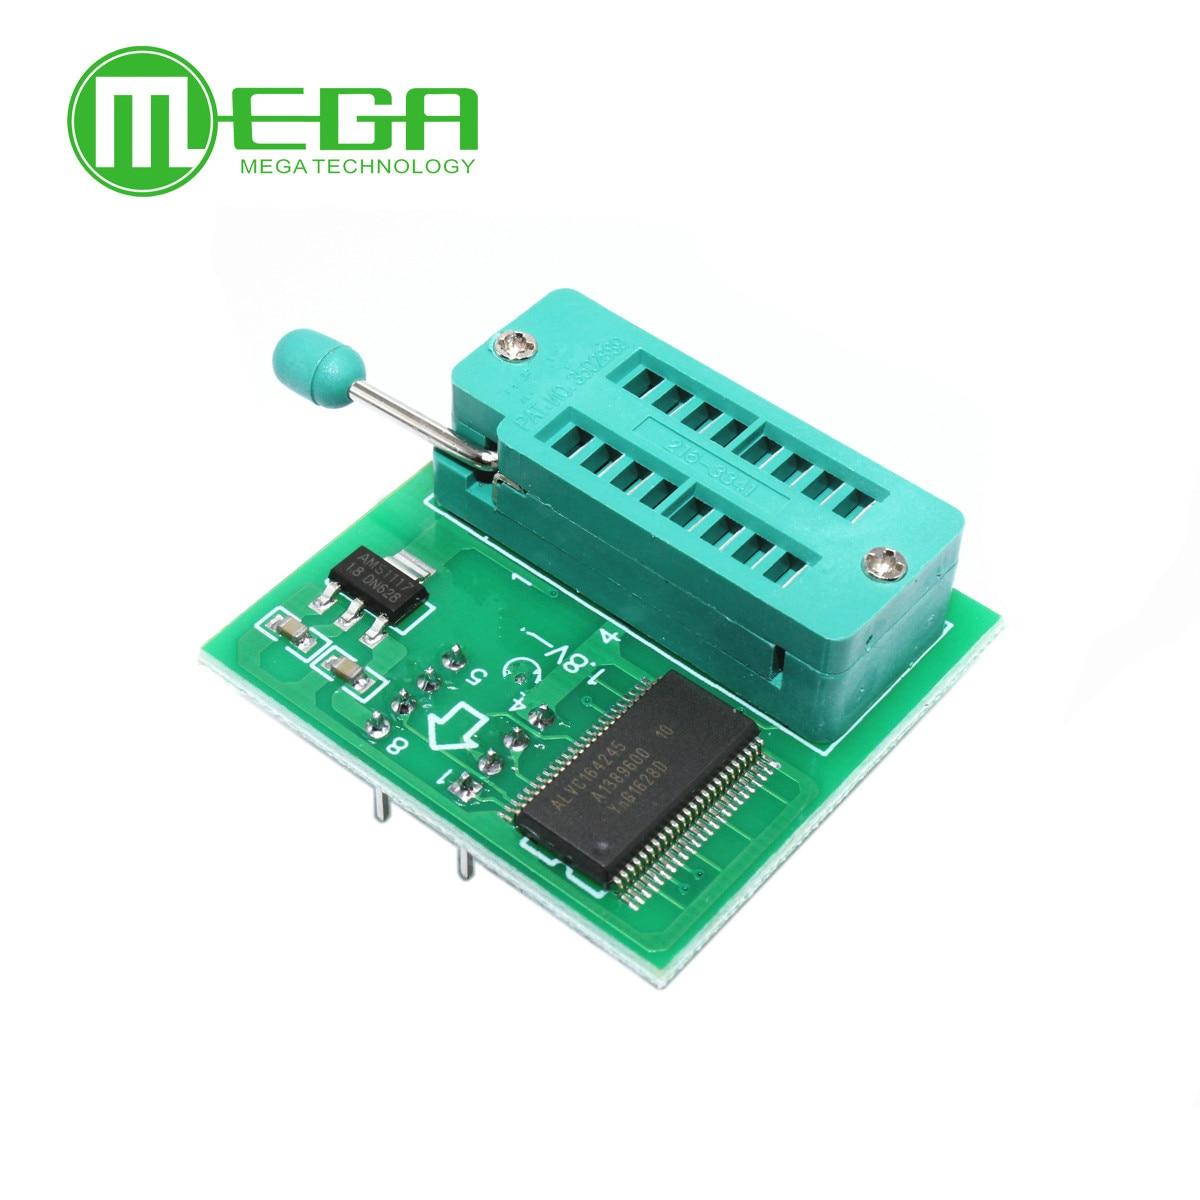 1.8V adaptateur pour carte mère 1.8V SPI Flash SOP8 DIP8 W25 MX25 l'utilisation aux programmeurs TL866CS TL866A EZP2010 EZP2013 CH341 pour Bricolage